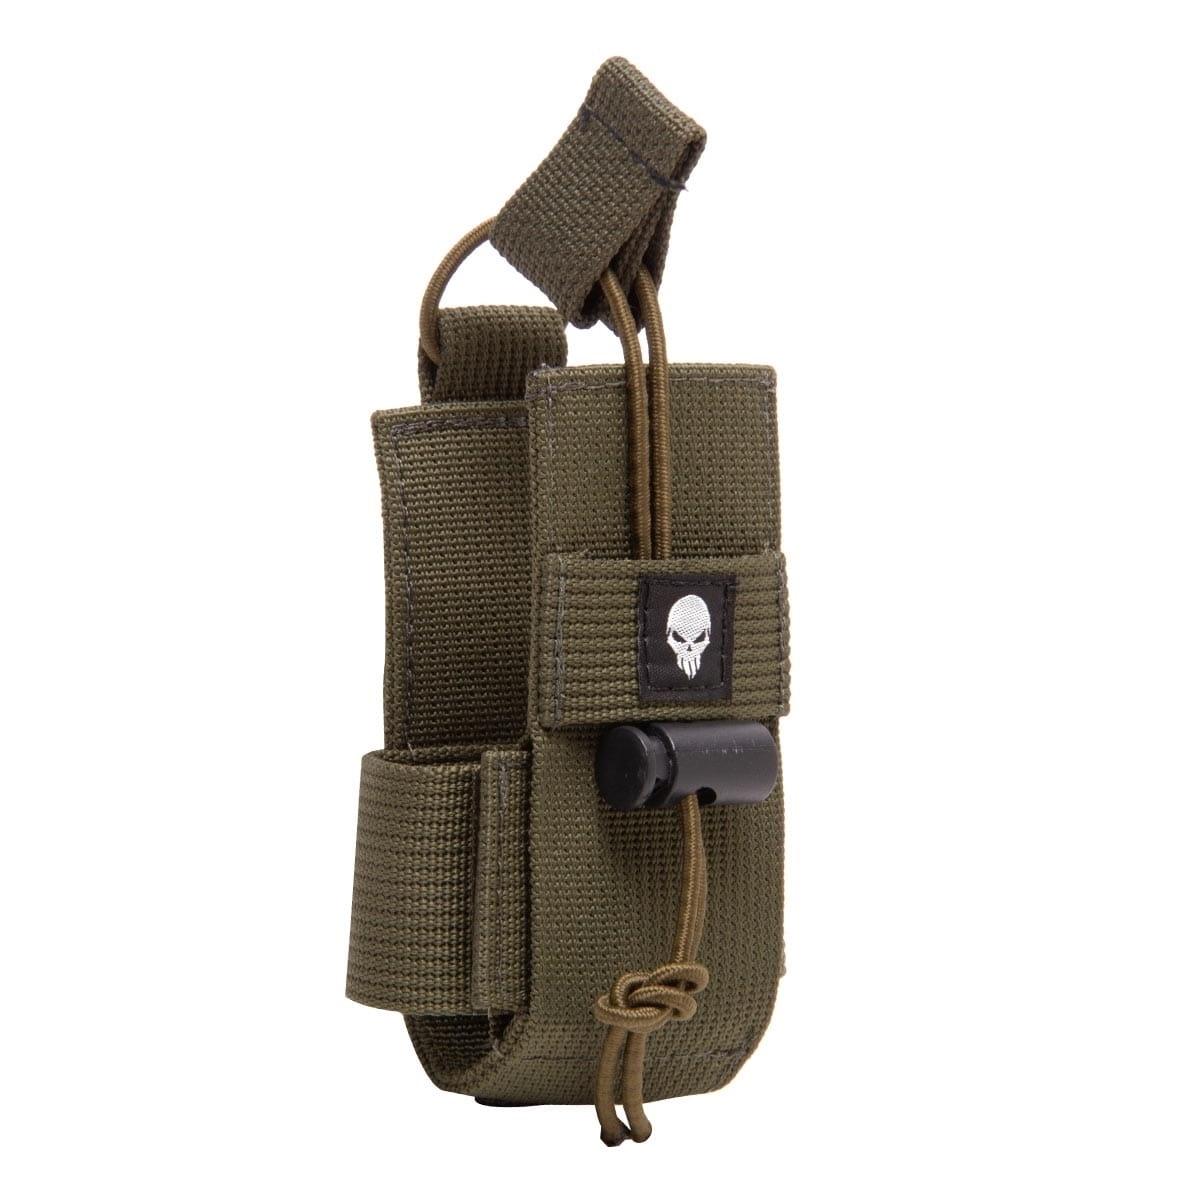 Porta Rádio Militar Gear Modular - BRAVO